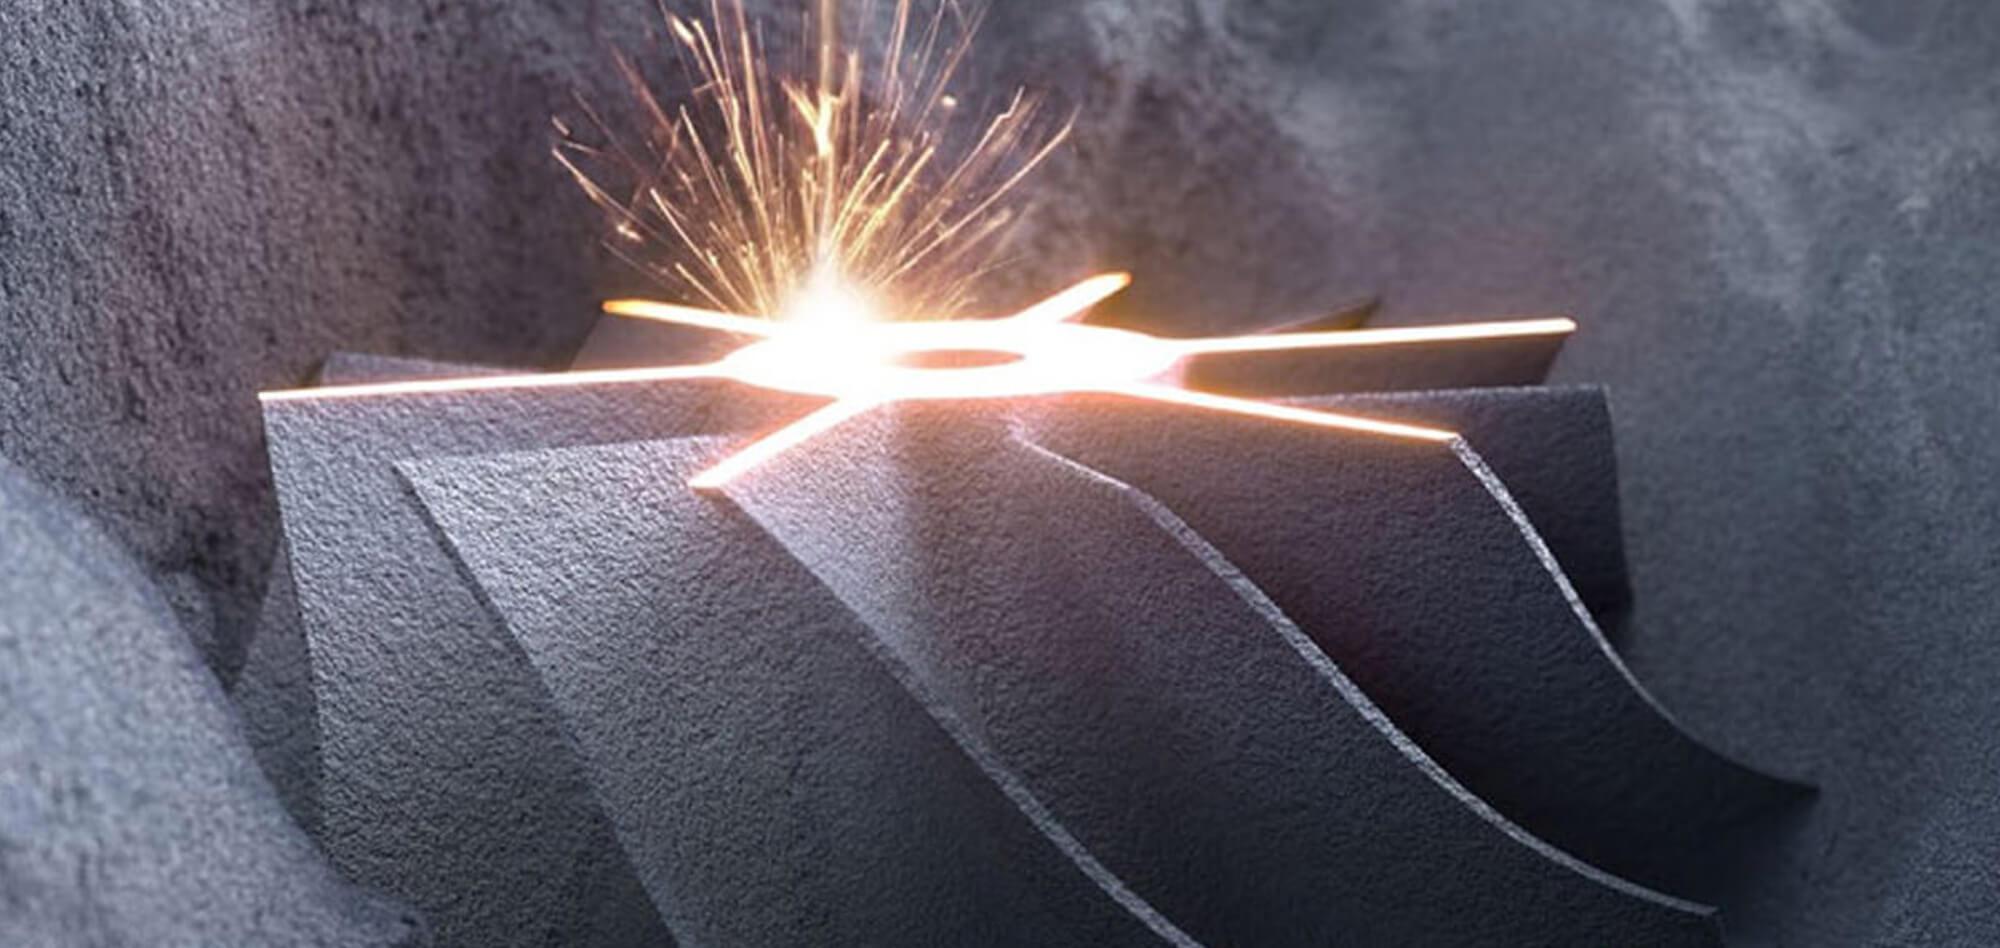 fabrication additive laser sur lit de poudre thèse cifre laboratoire anrt